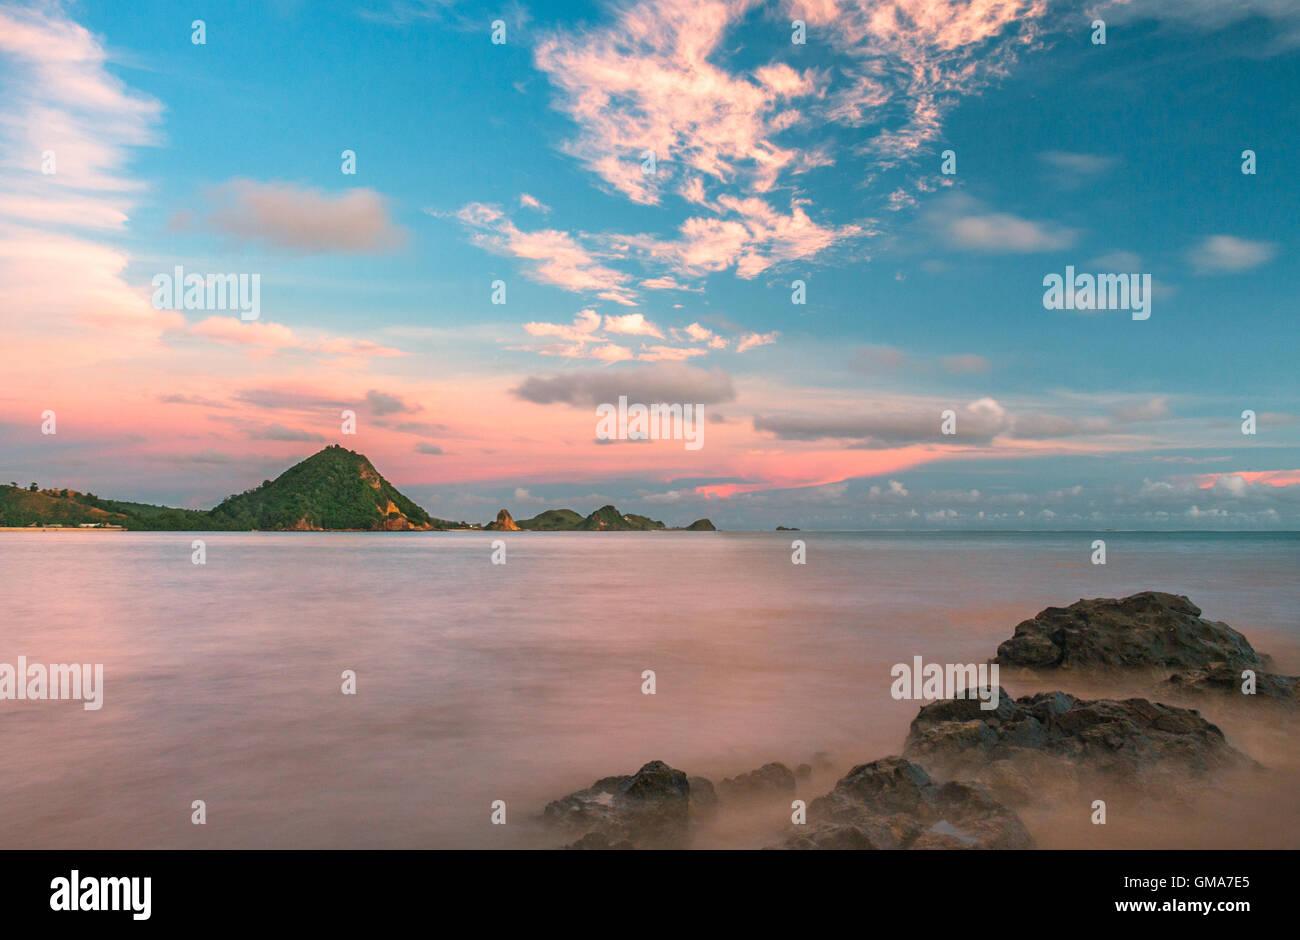 Eine lange Belichtung noch Meer und Felsen, mit einem wunderschönen Himmel bei Sonnenuntergang. Stockbild